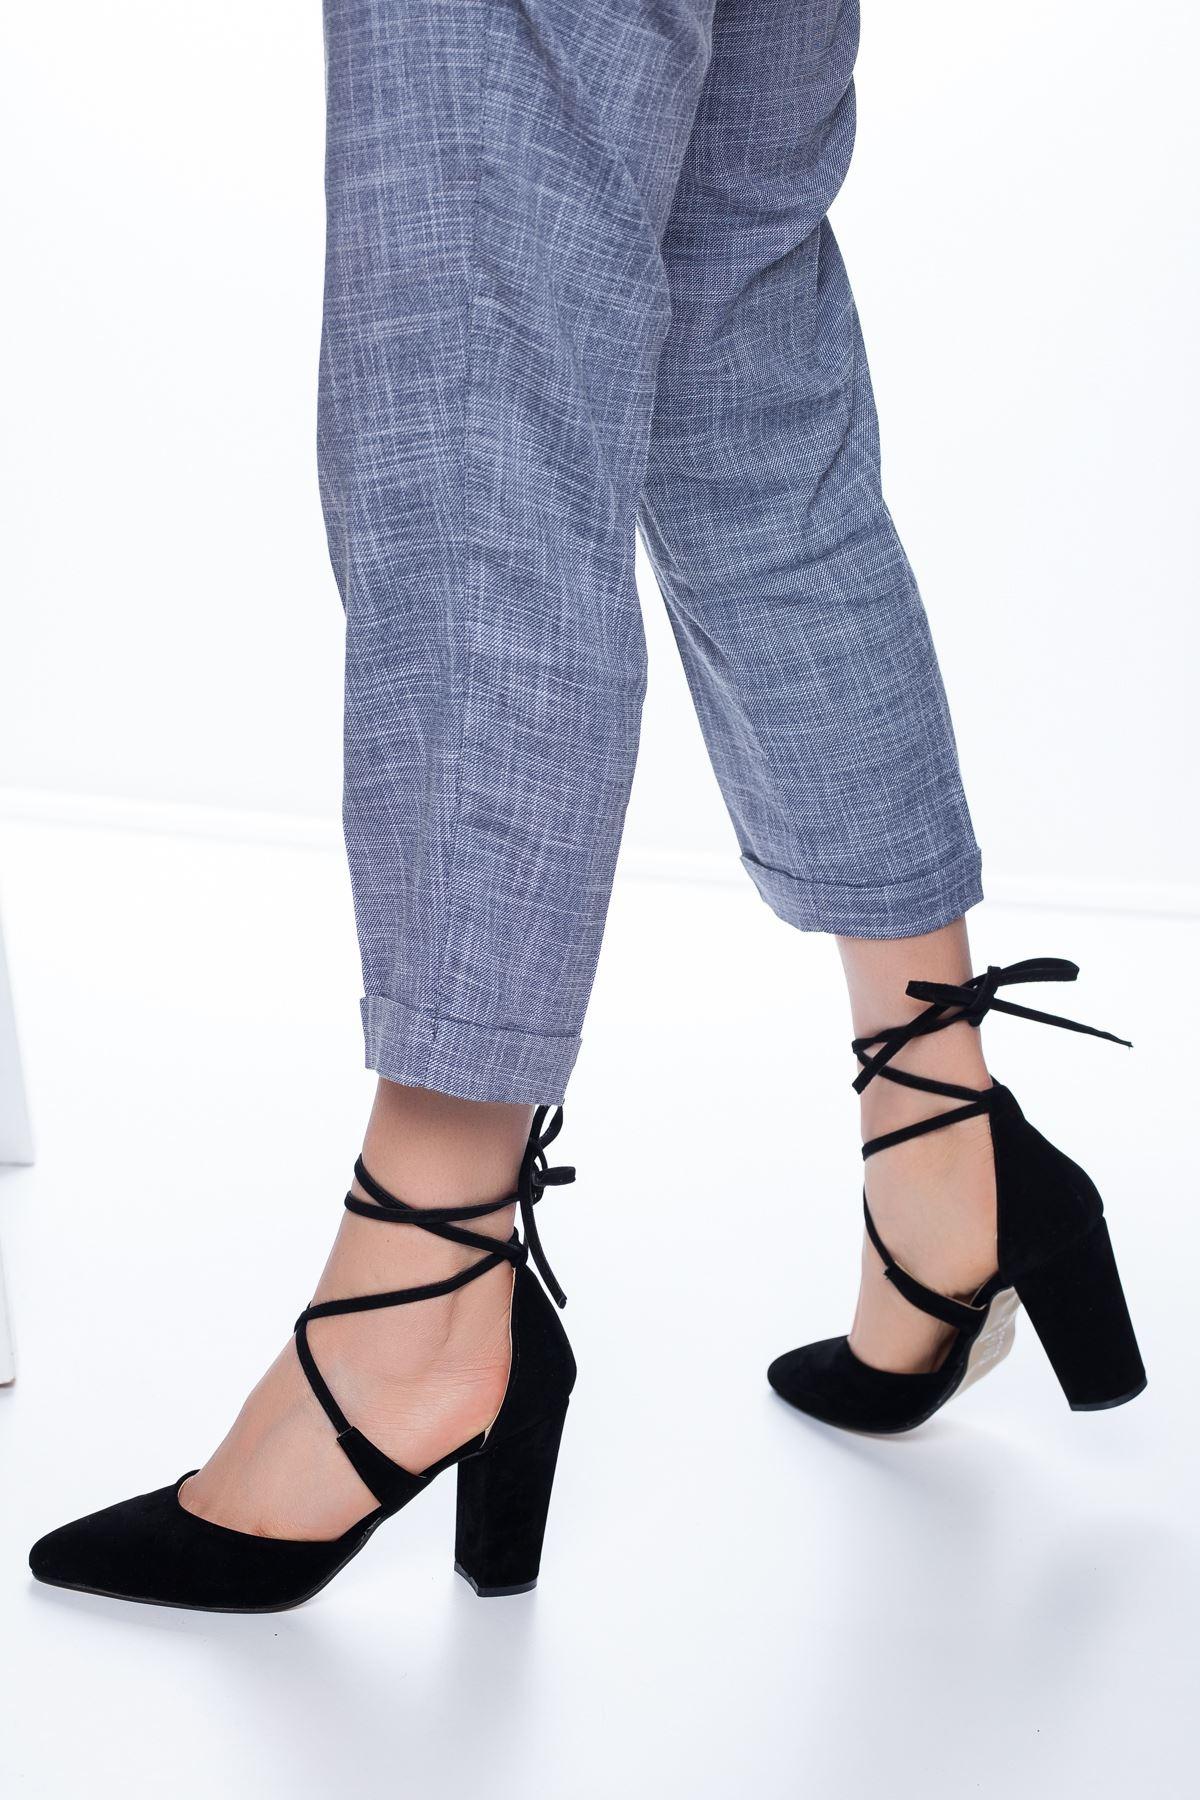 Femilla Topuklu Süet Ayakkabı Siyah